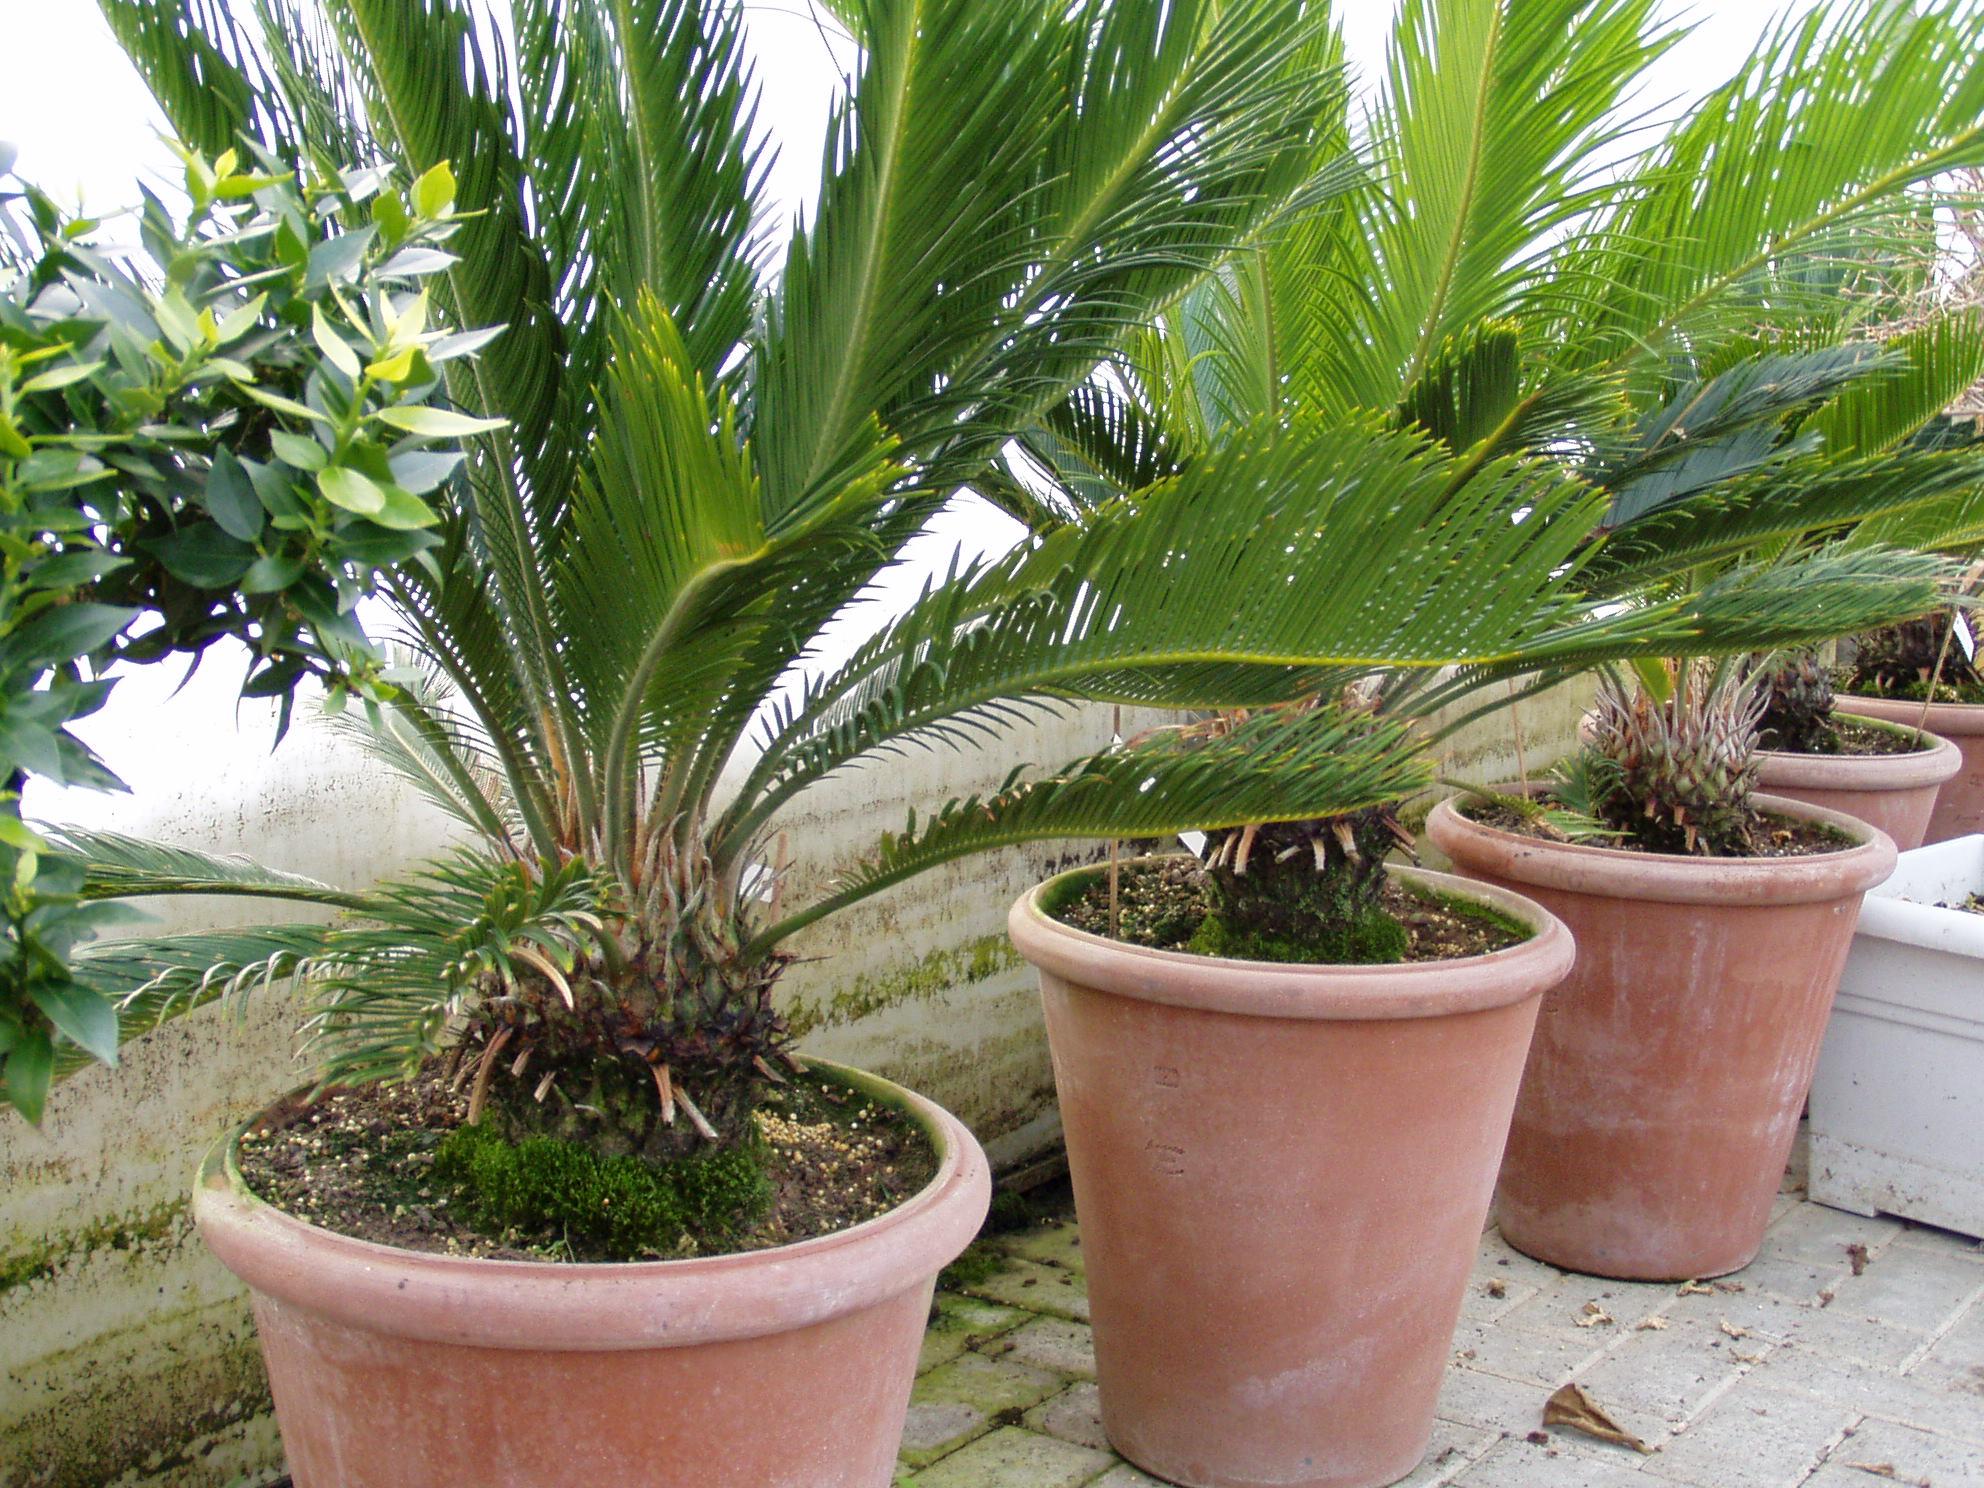 mediterrane Pflanzen - Palmen